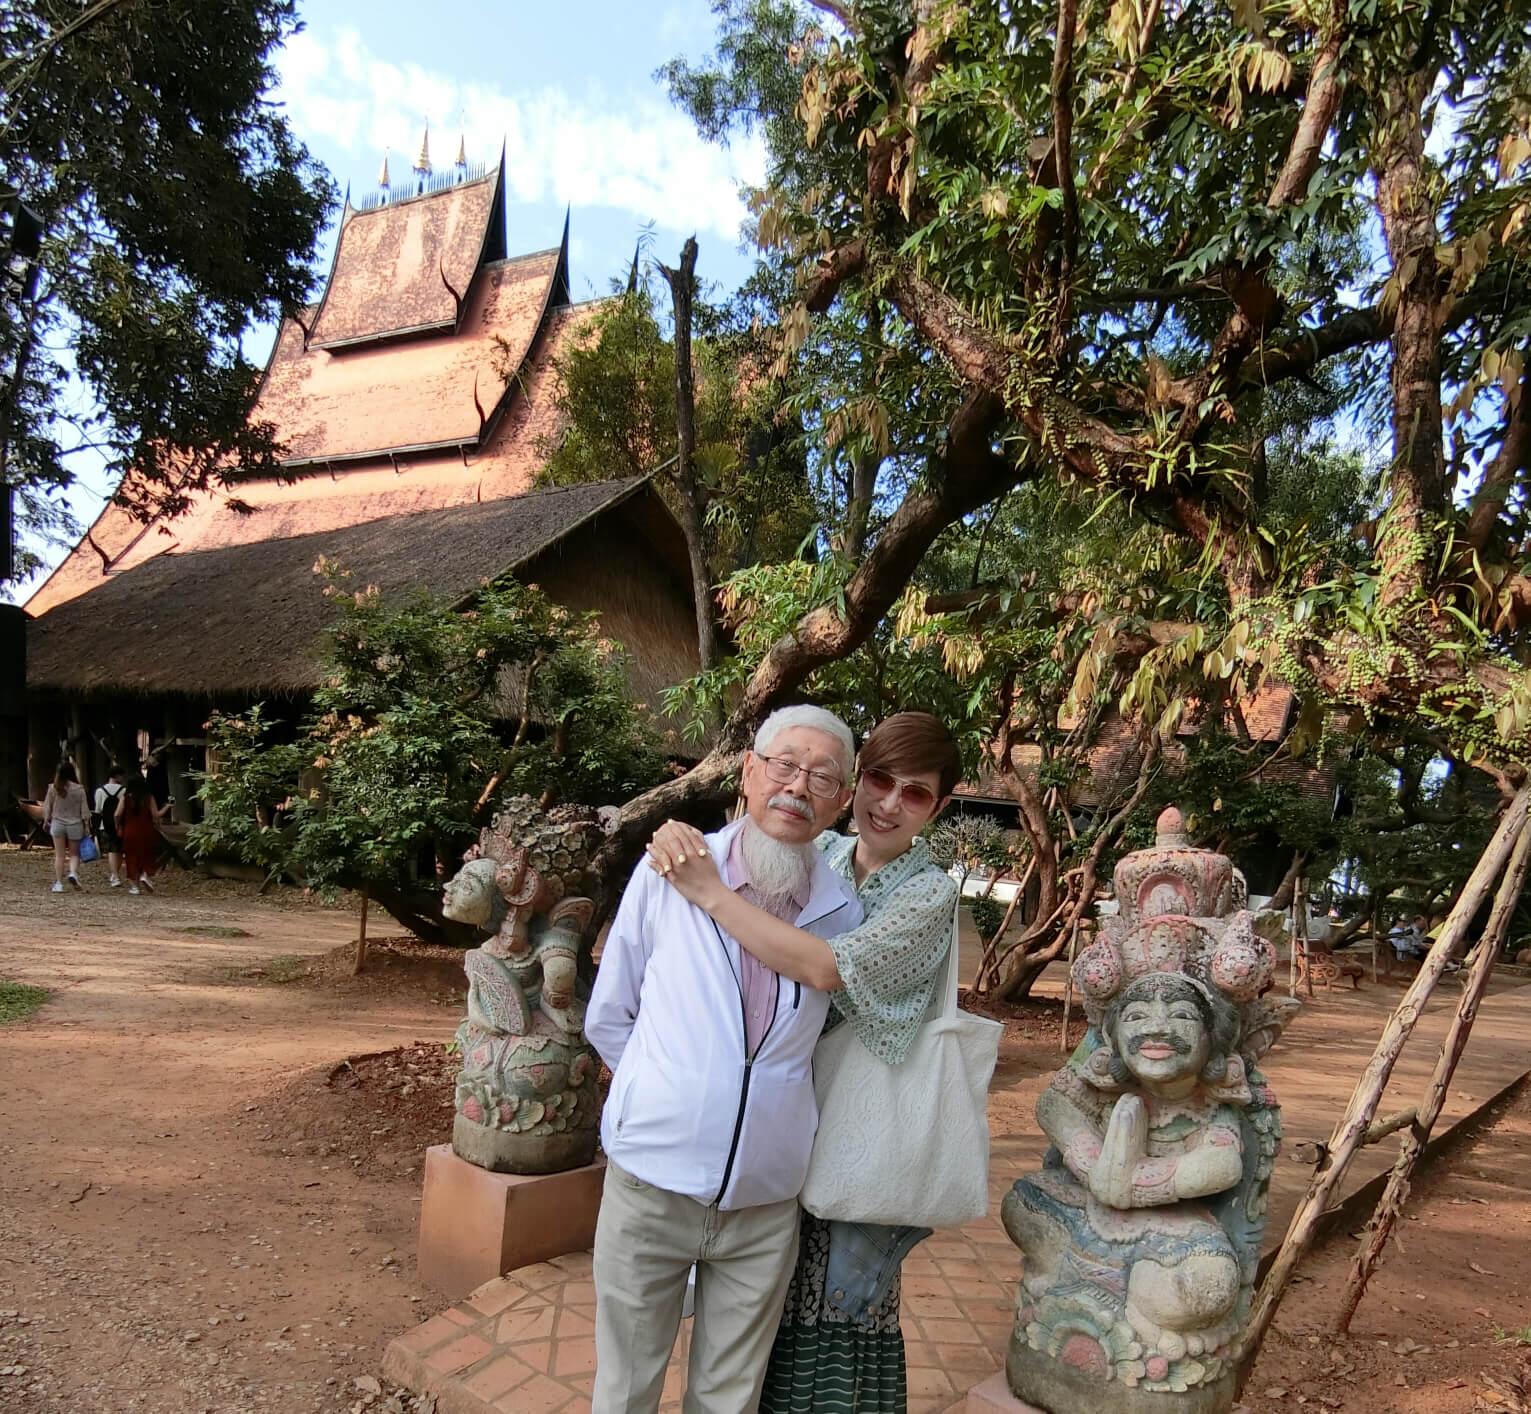 陳爸爸雖然已八十二歲,但身體健壯,兩父女經常結伴旅遊及行善。